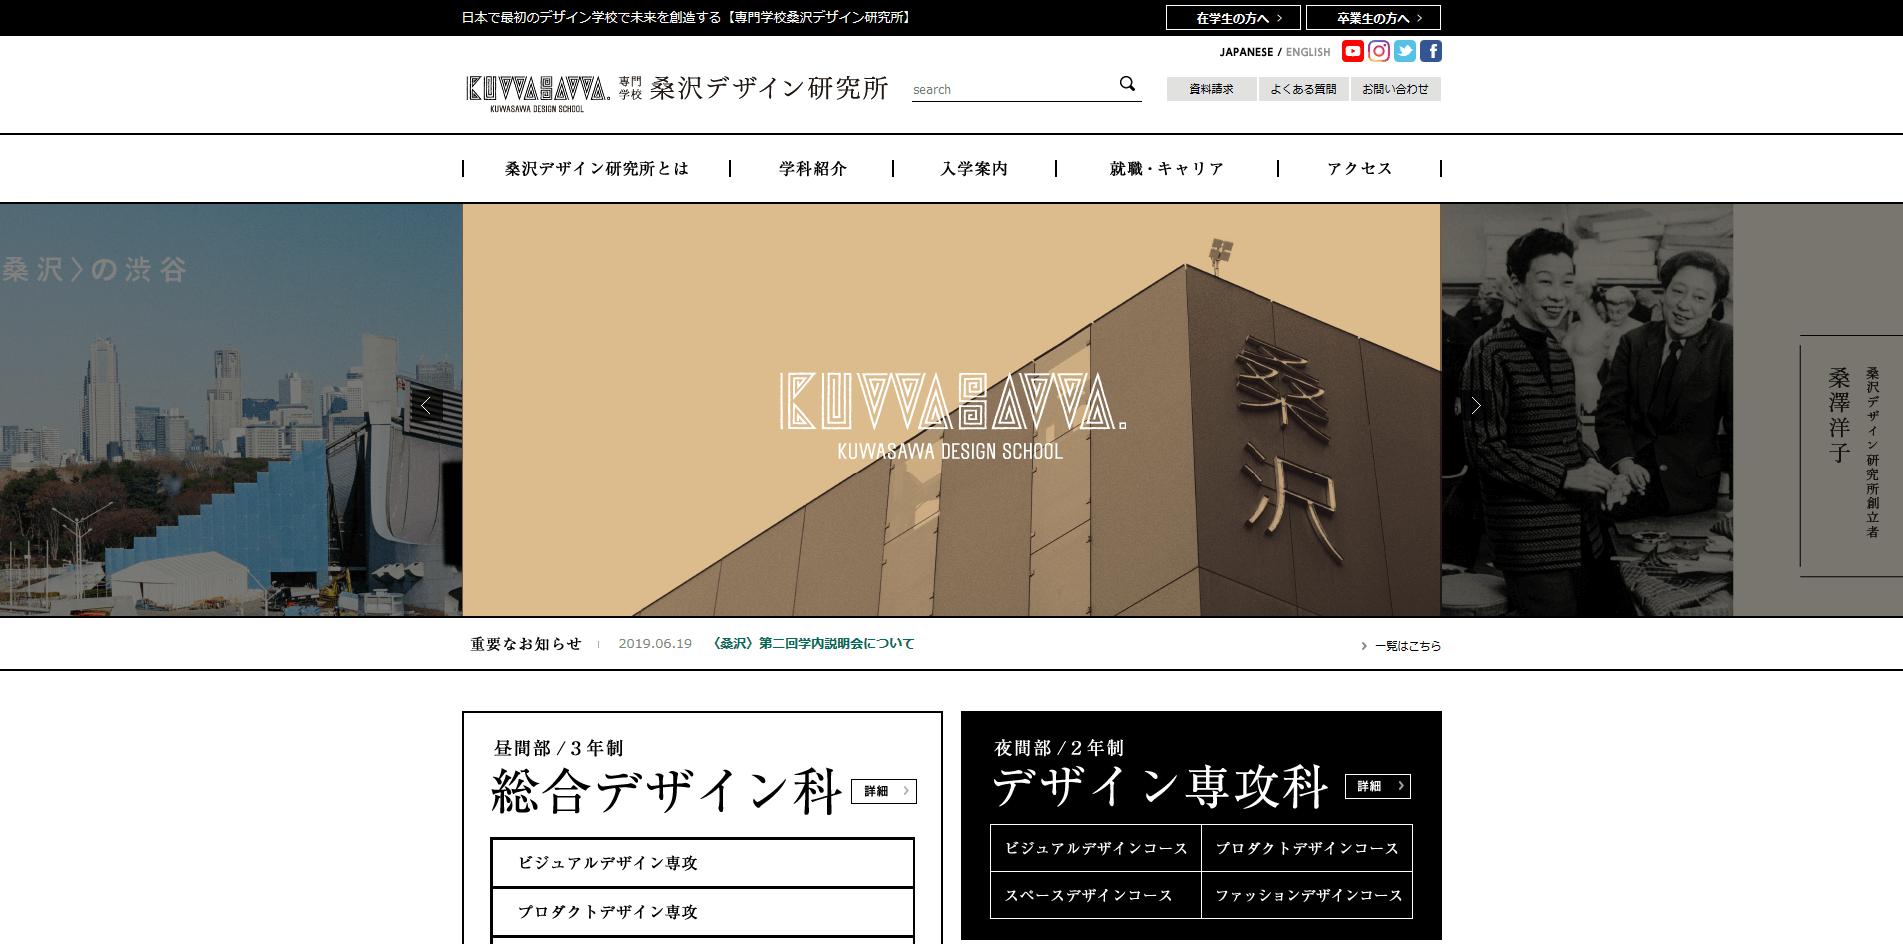 専門学校桑沢デザイン研究所